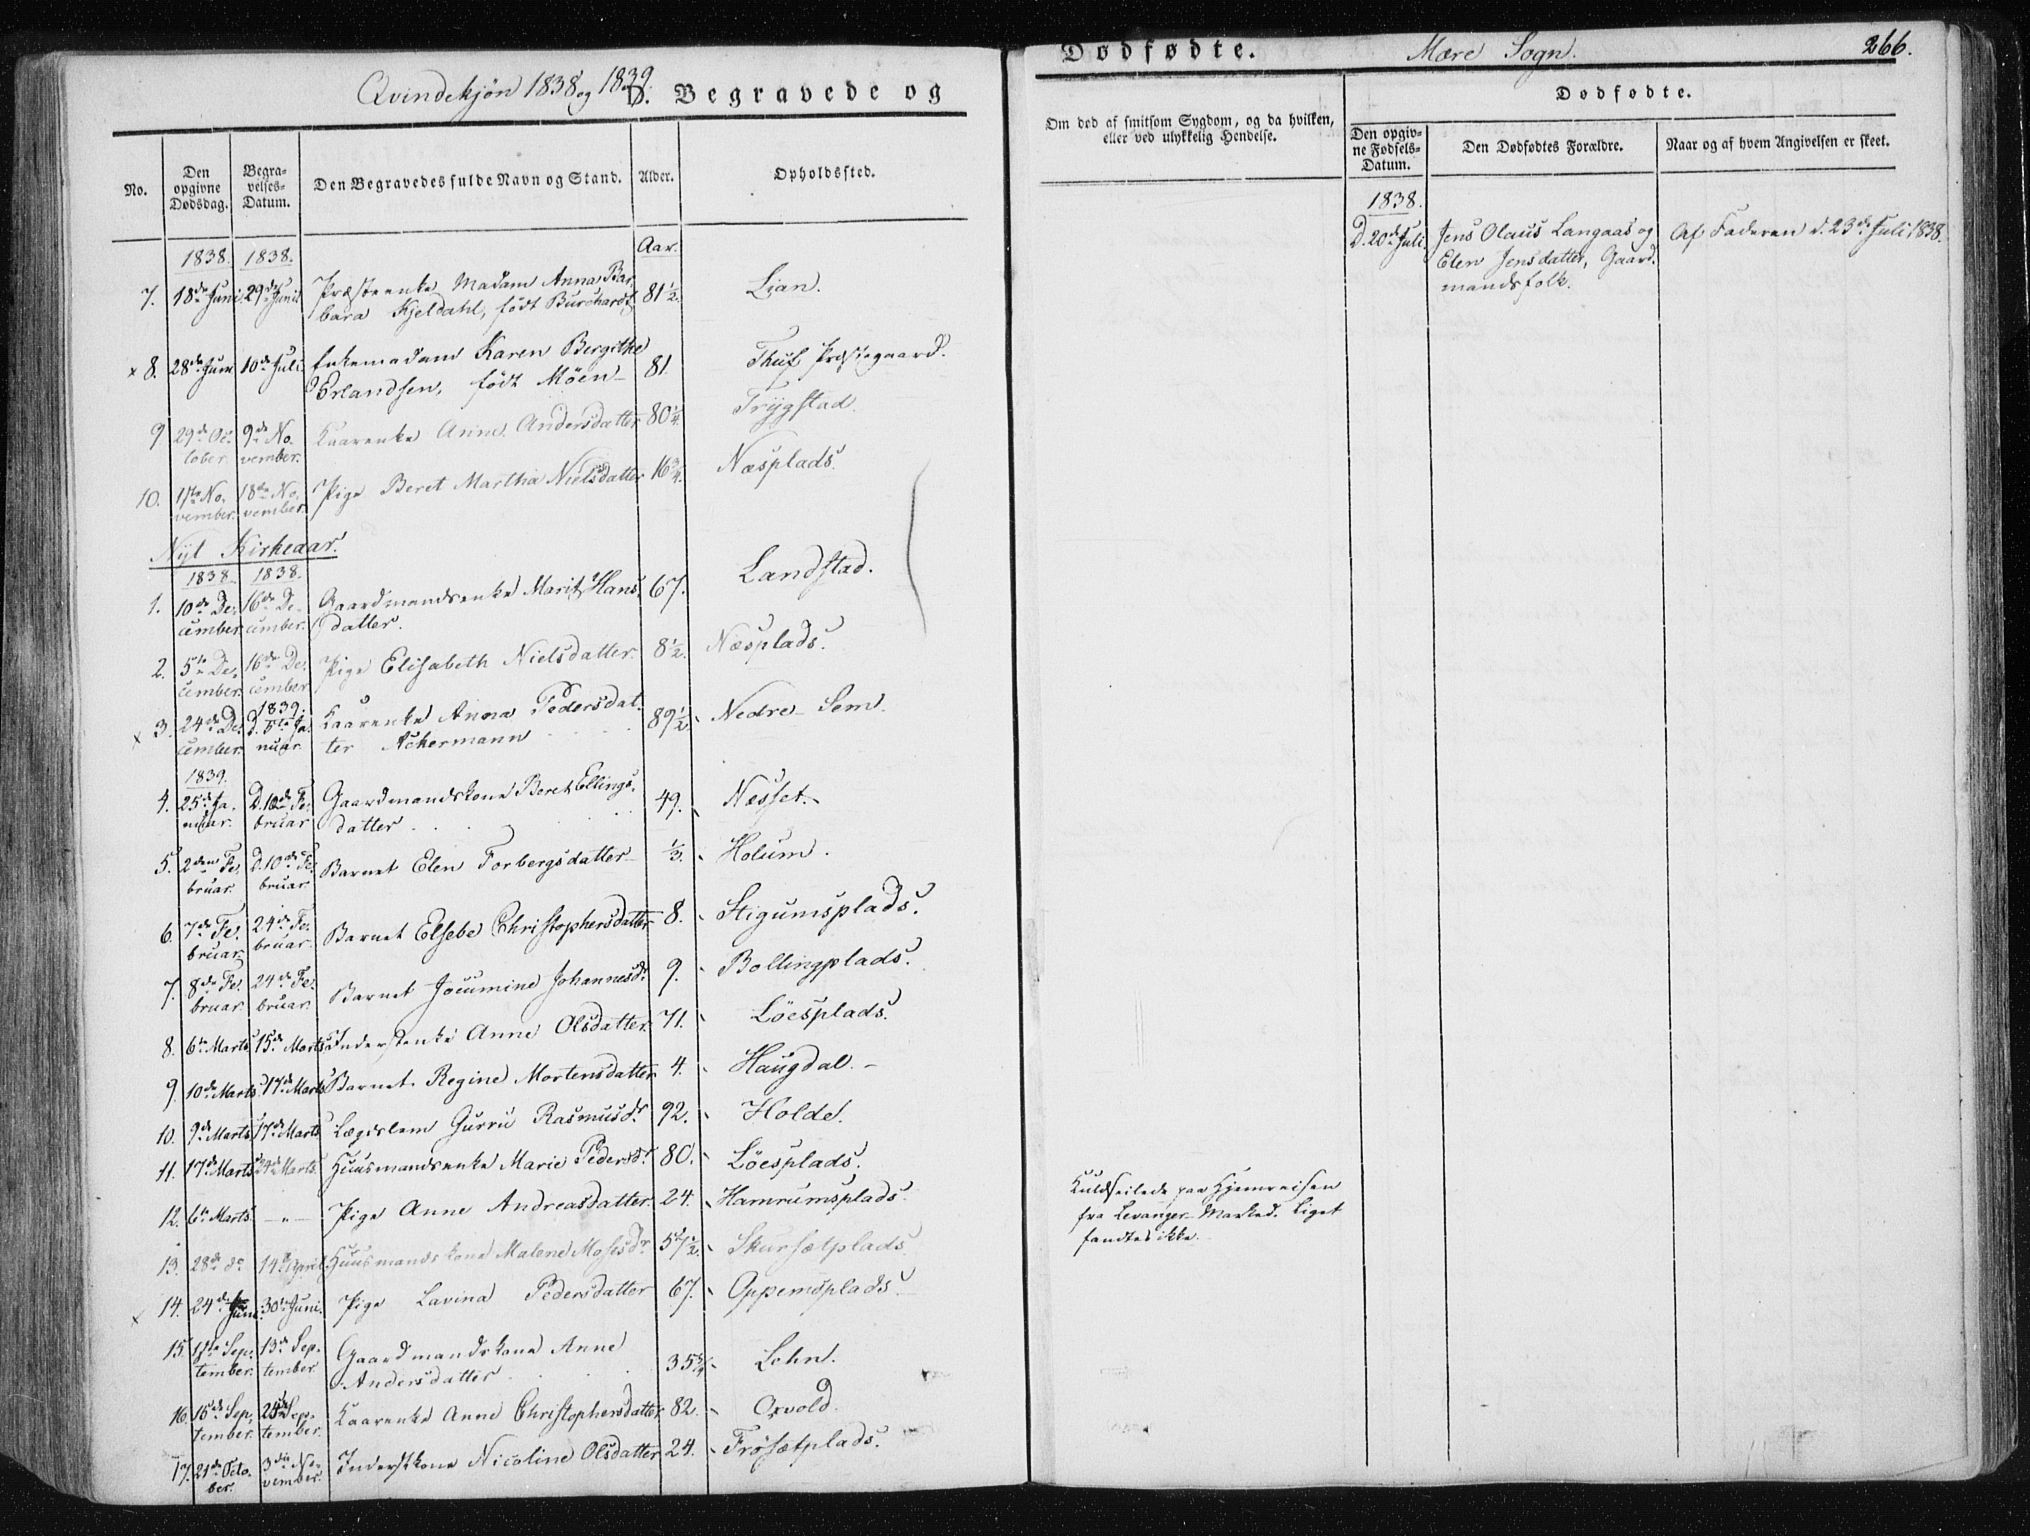 SAT, Ministerialprotokoller, klokkerbøker og fødselsregistre - Nord-Trøndelag, 735/L0339: Ministerialbok nr. 735A06 /1, 1836-1848, s. 266